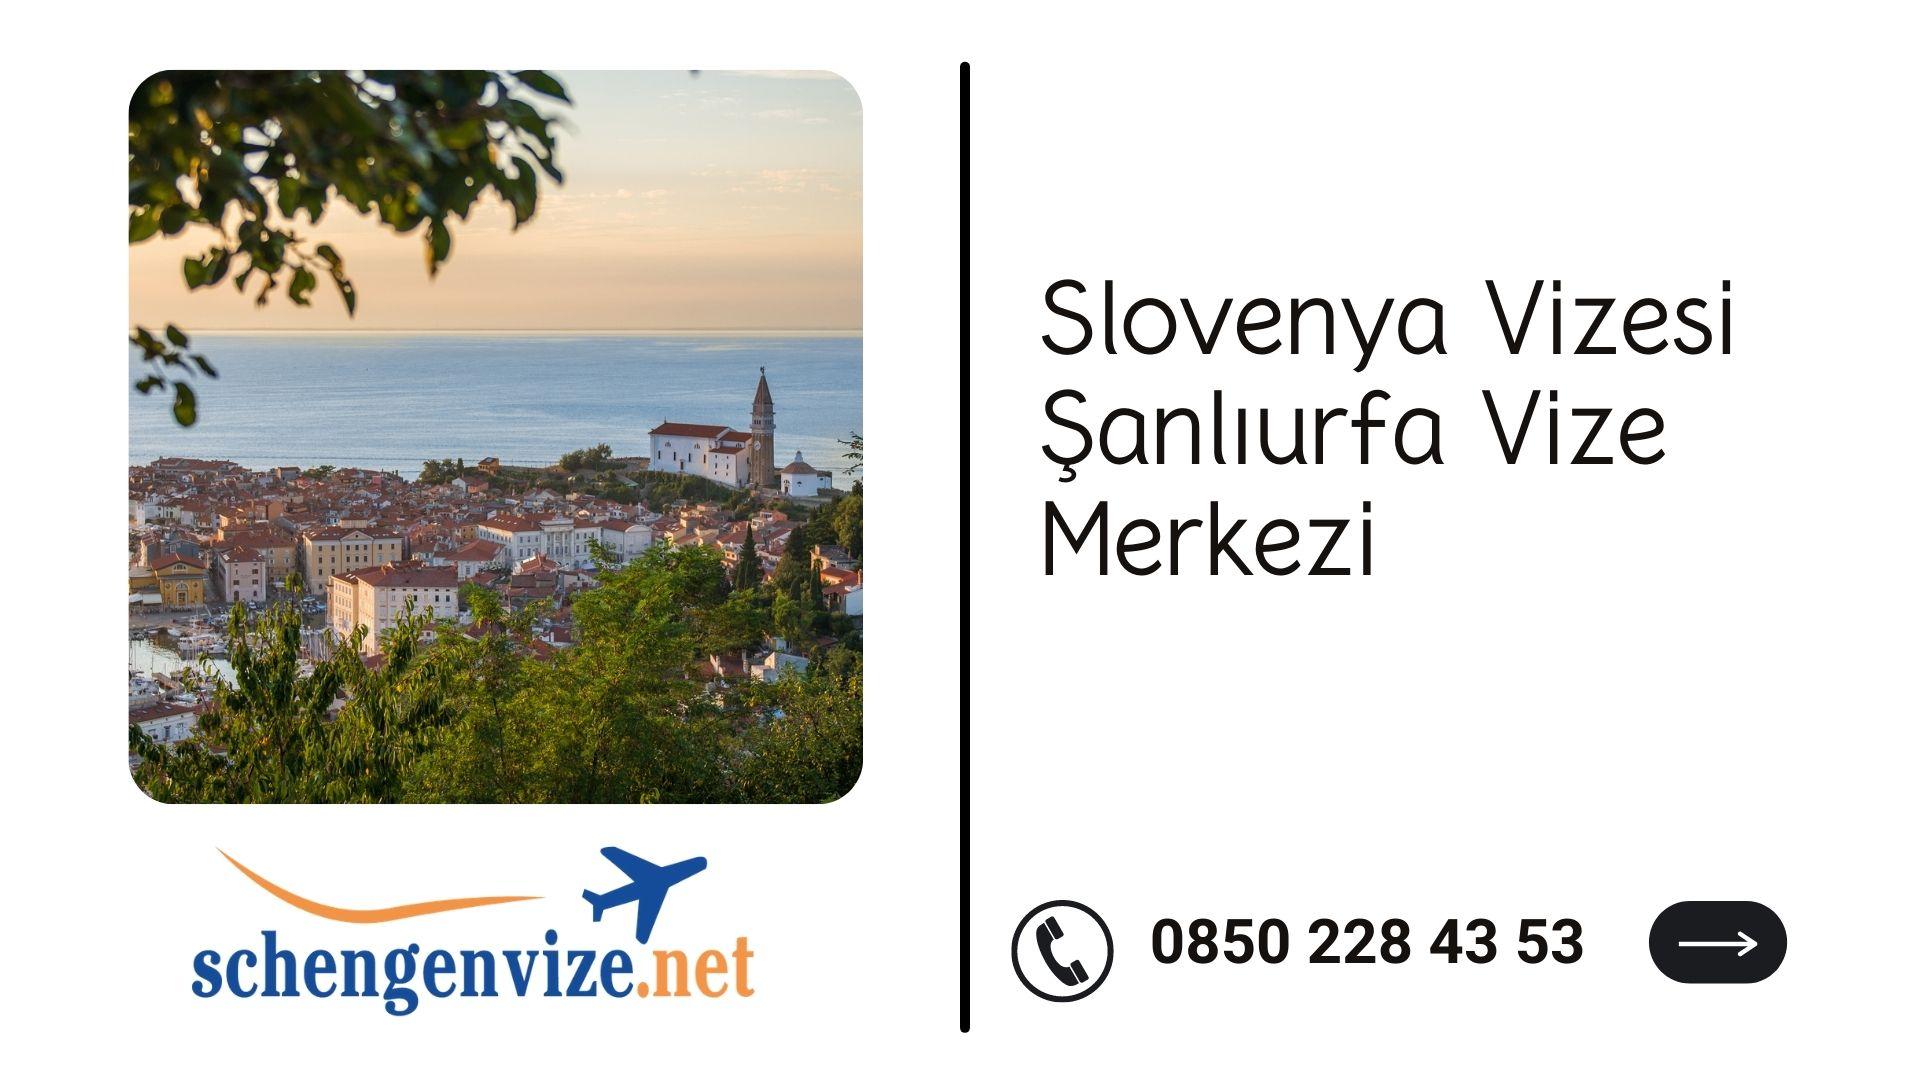 Slovenya Vizesi Şanlıurfa Vize Merkezi